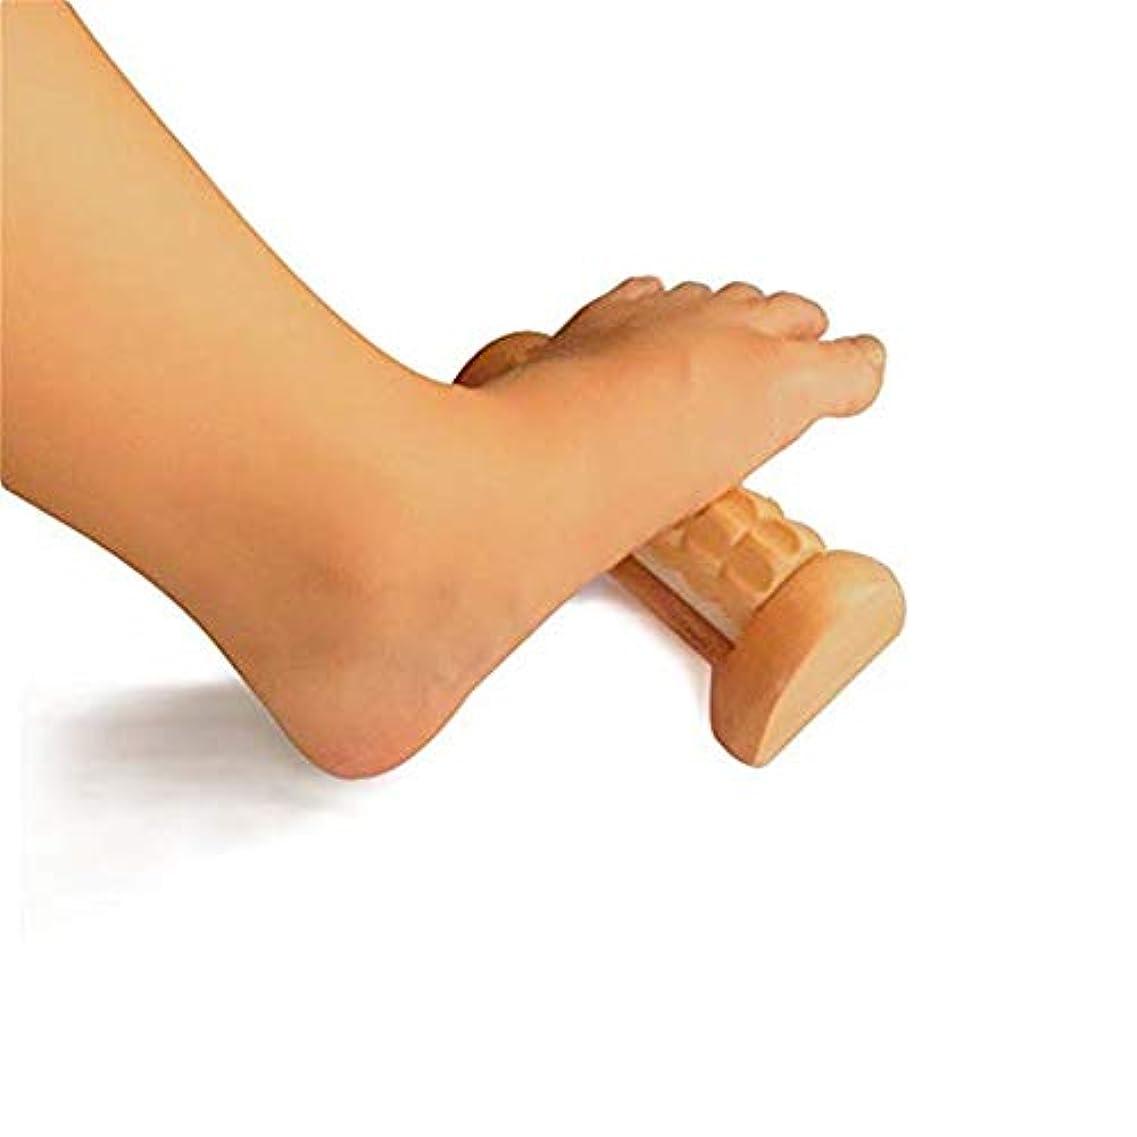 実質的お願いします桁Foot Massager Roller - 足のARCHの痛み、足底筋膜炎、痛みのセルフマッサージと痛みを和らげます - 筋膜の弛緩、リラックスした緊張/タイトな筋膜およびアーチを刺激します